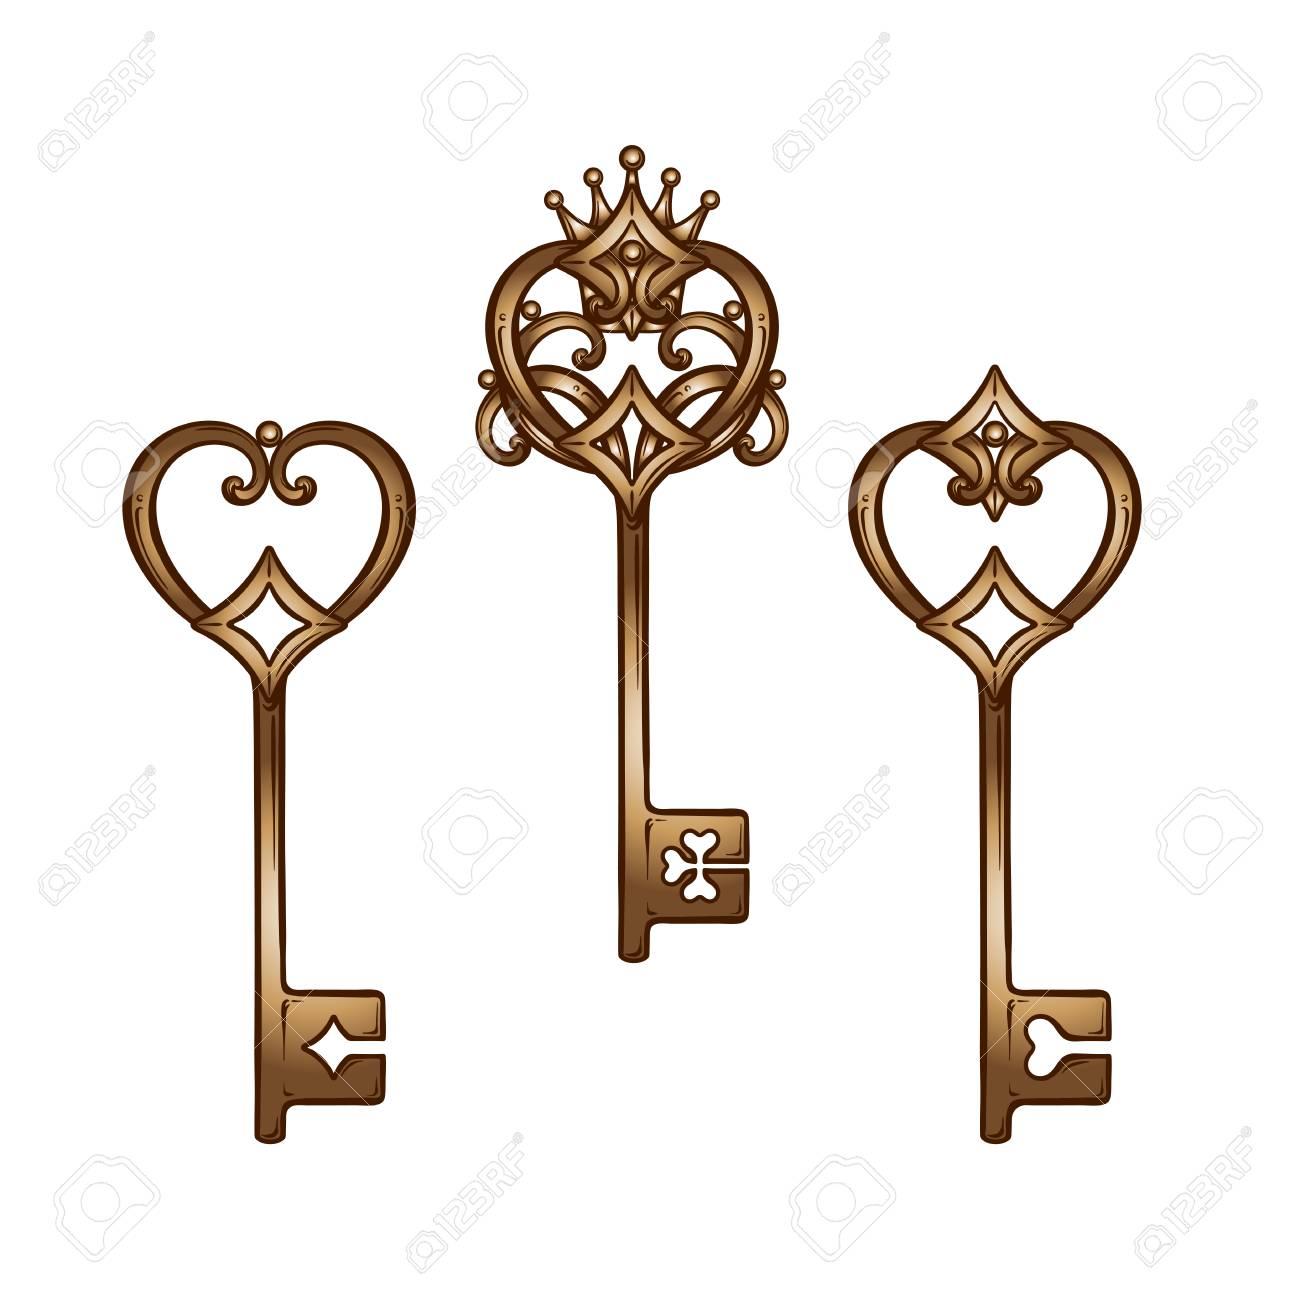 Vintage heart shaped bronze antique skeleton keys set. Hand drawn...